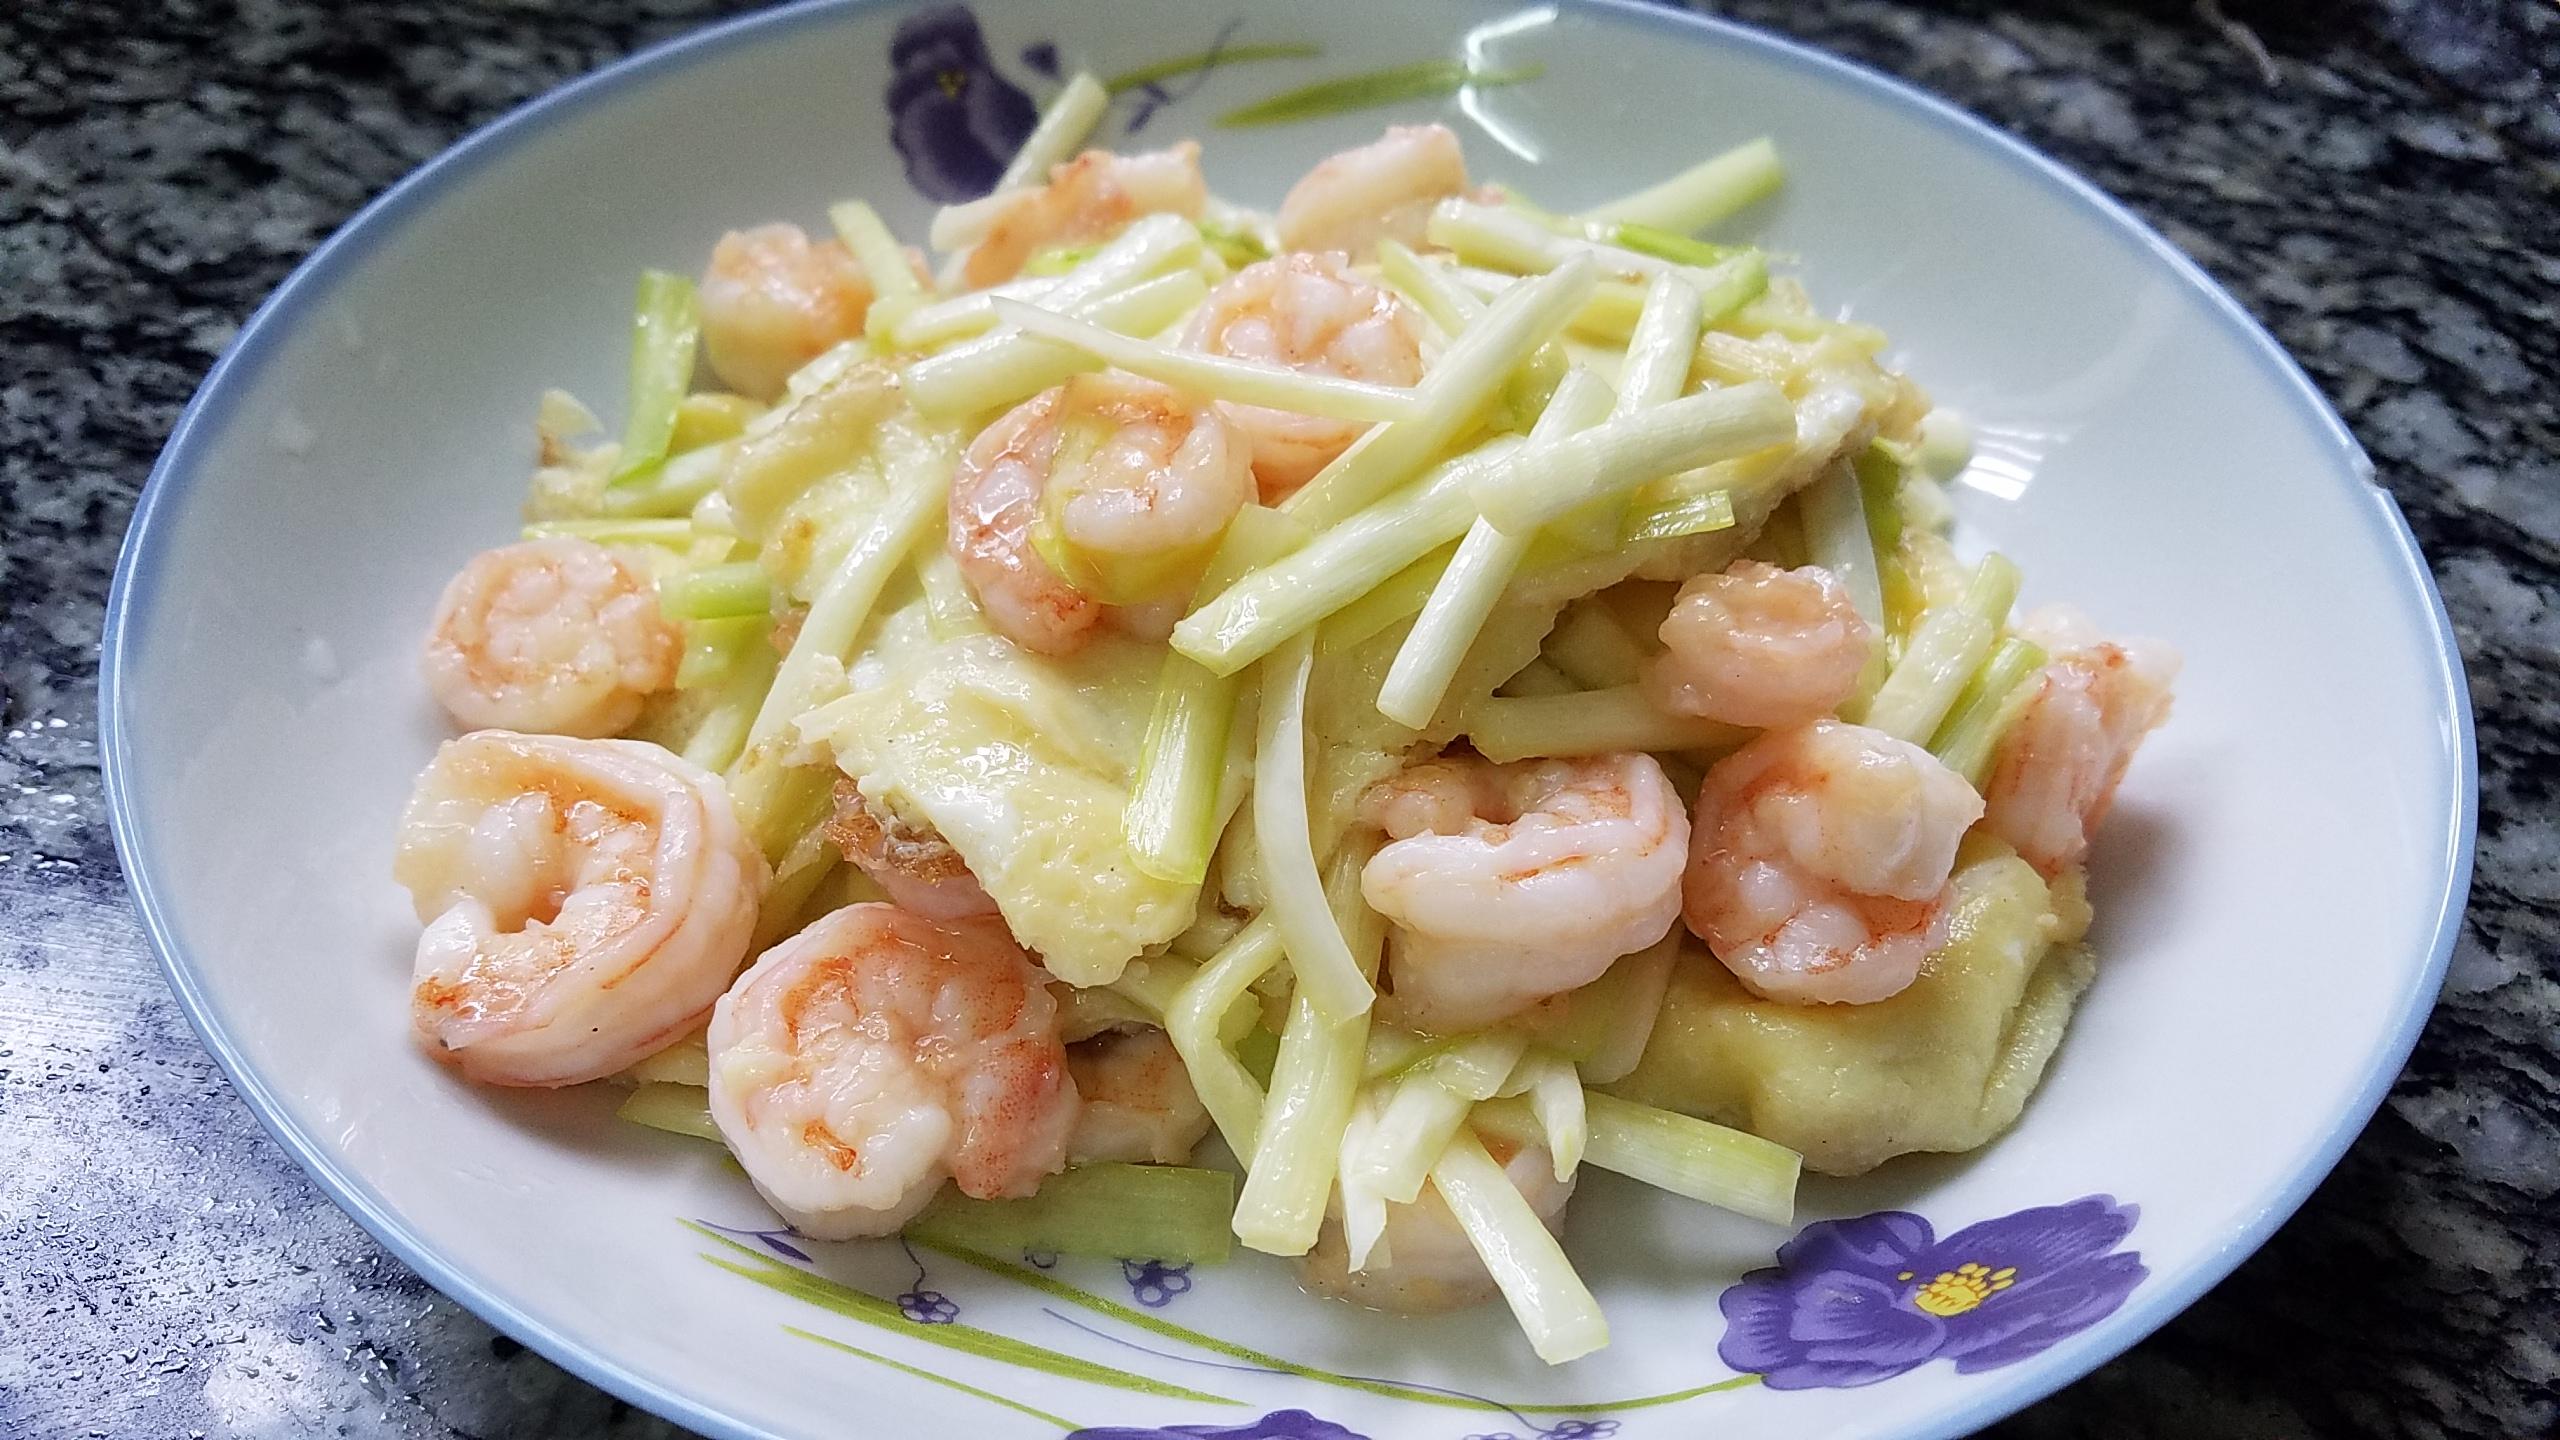 鸡蛋韭黄炒虾仁好吃的一道家常菜